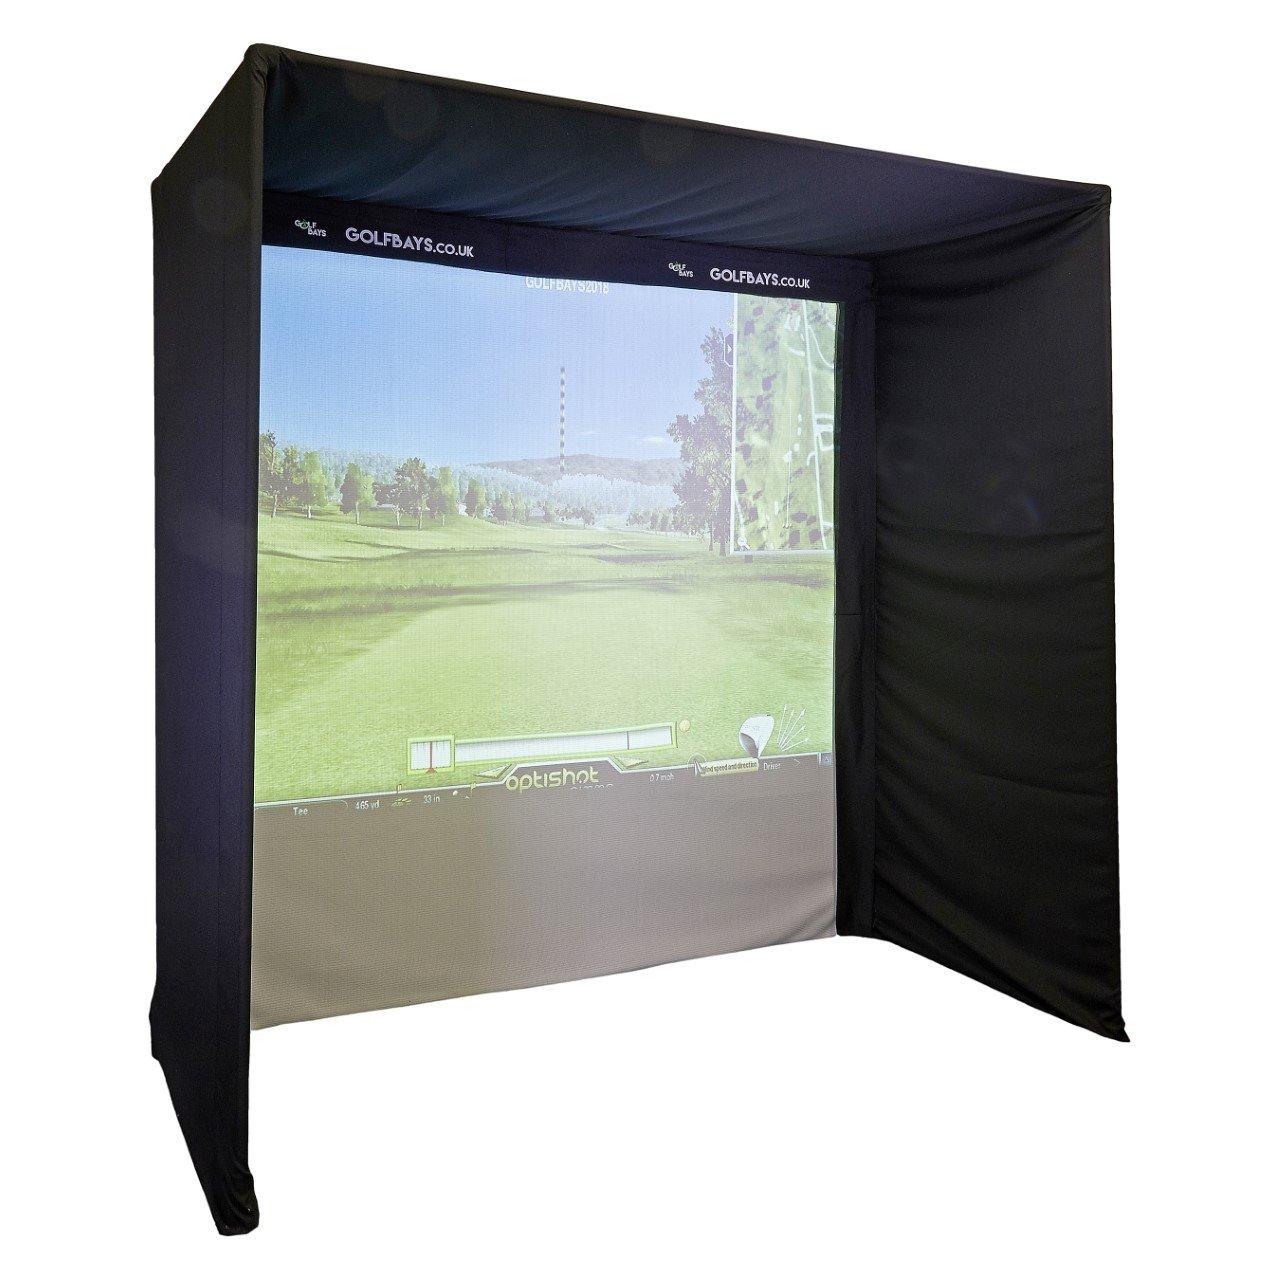 EasySim Kit-Form ゴルフシミュレーターエンクロージャ 2.5 x 2.5 x 1.3 (ポールなし)   B07ND1RNT9